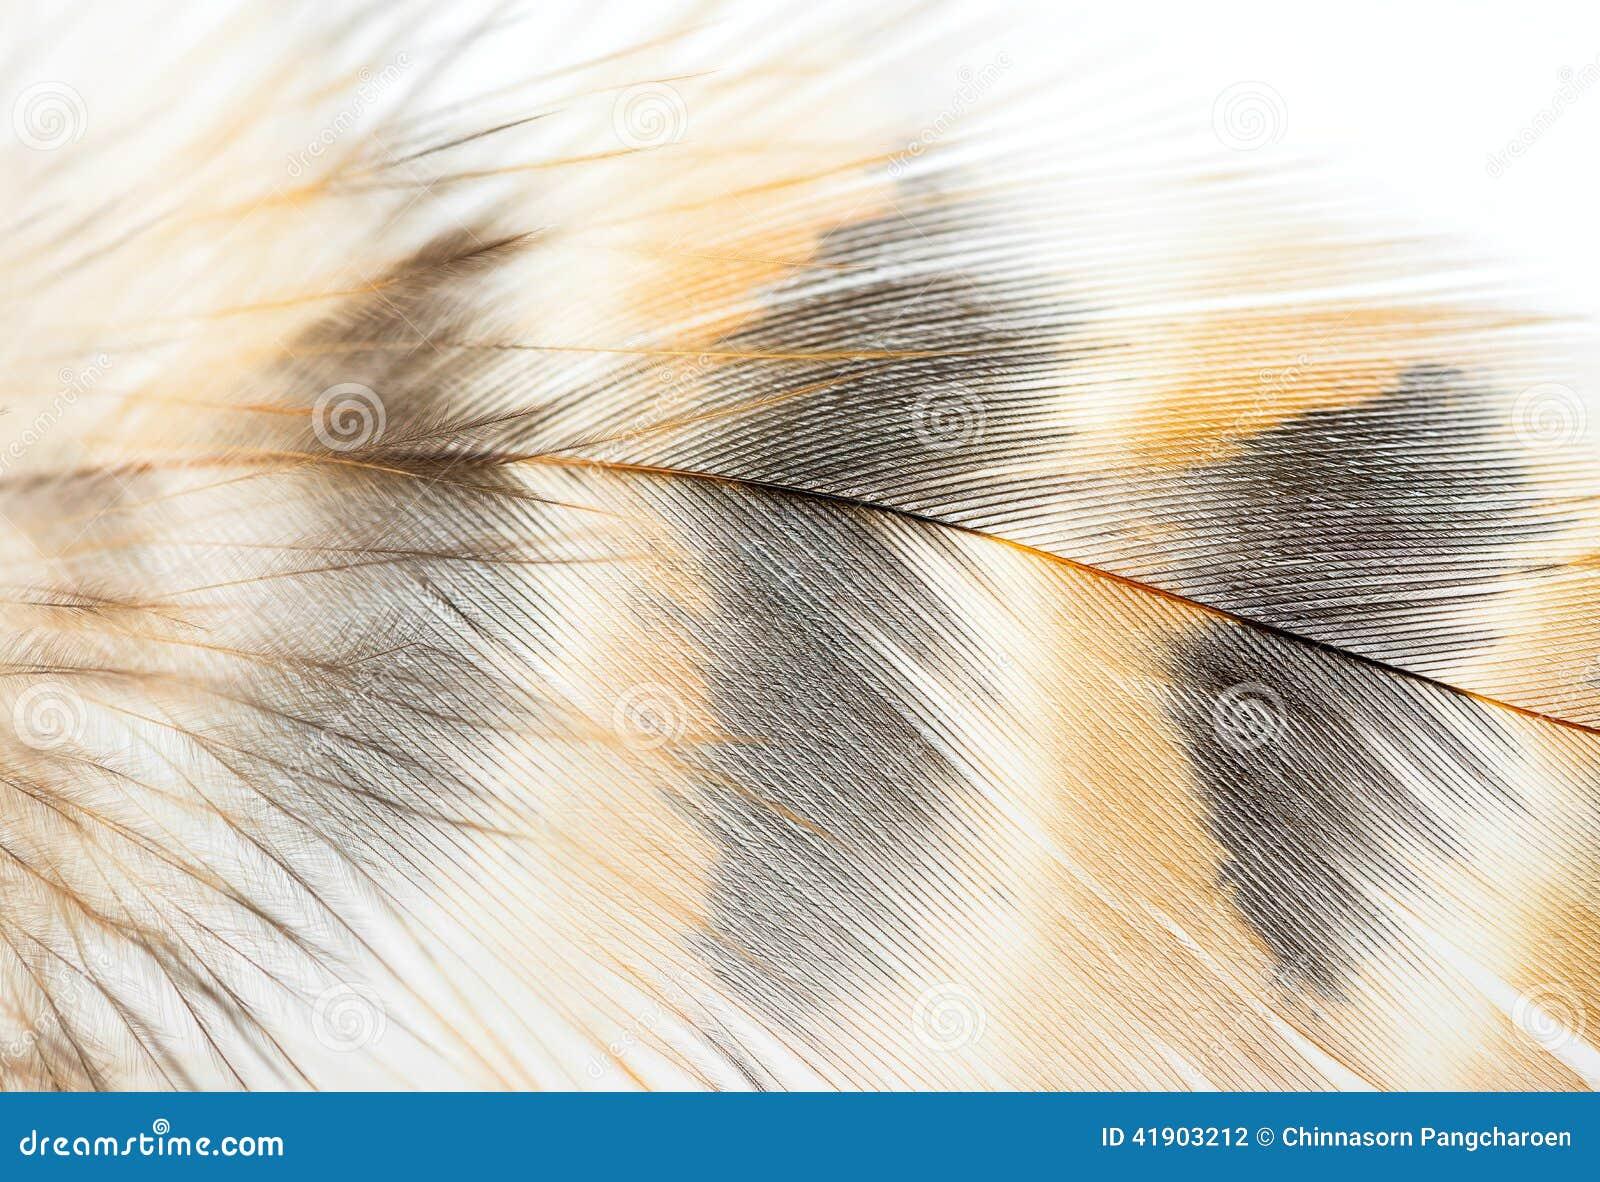 Closeup Of Bird Feather Stock Photo - Image: 41903212